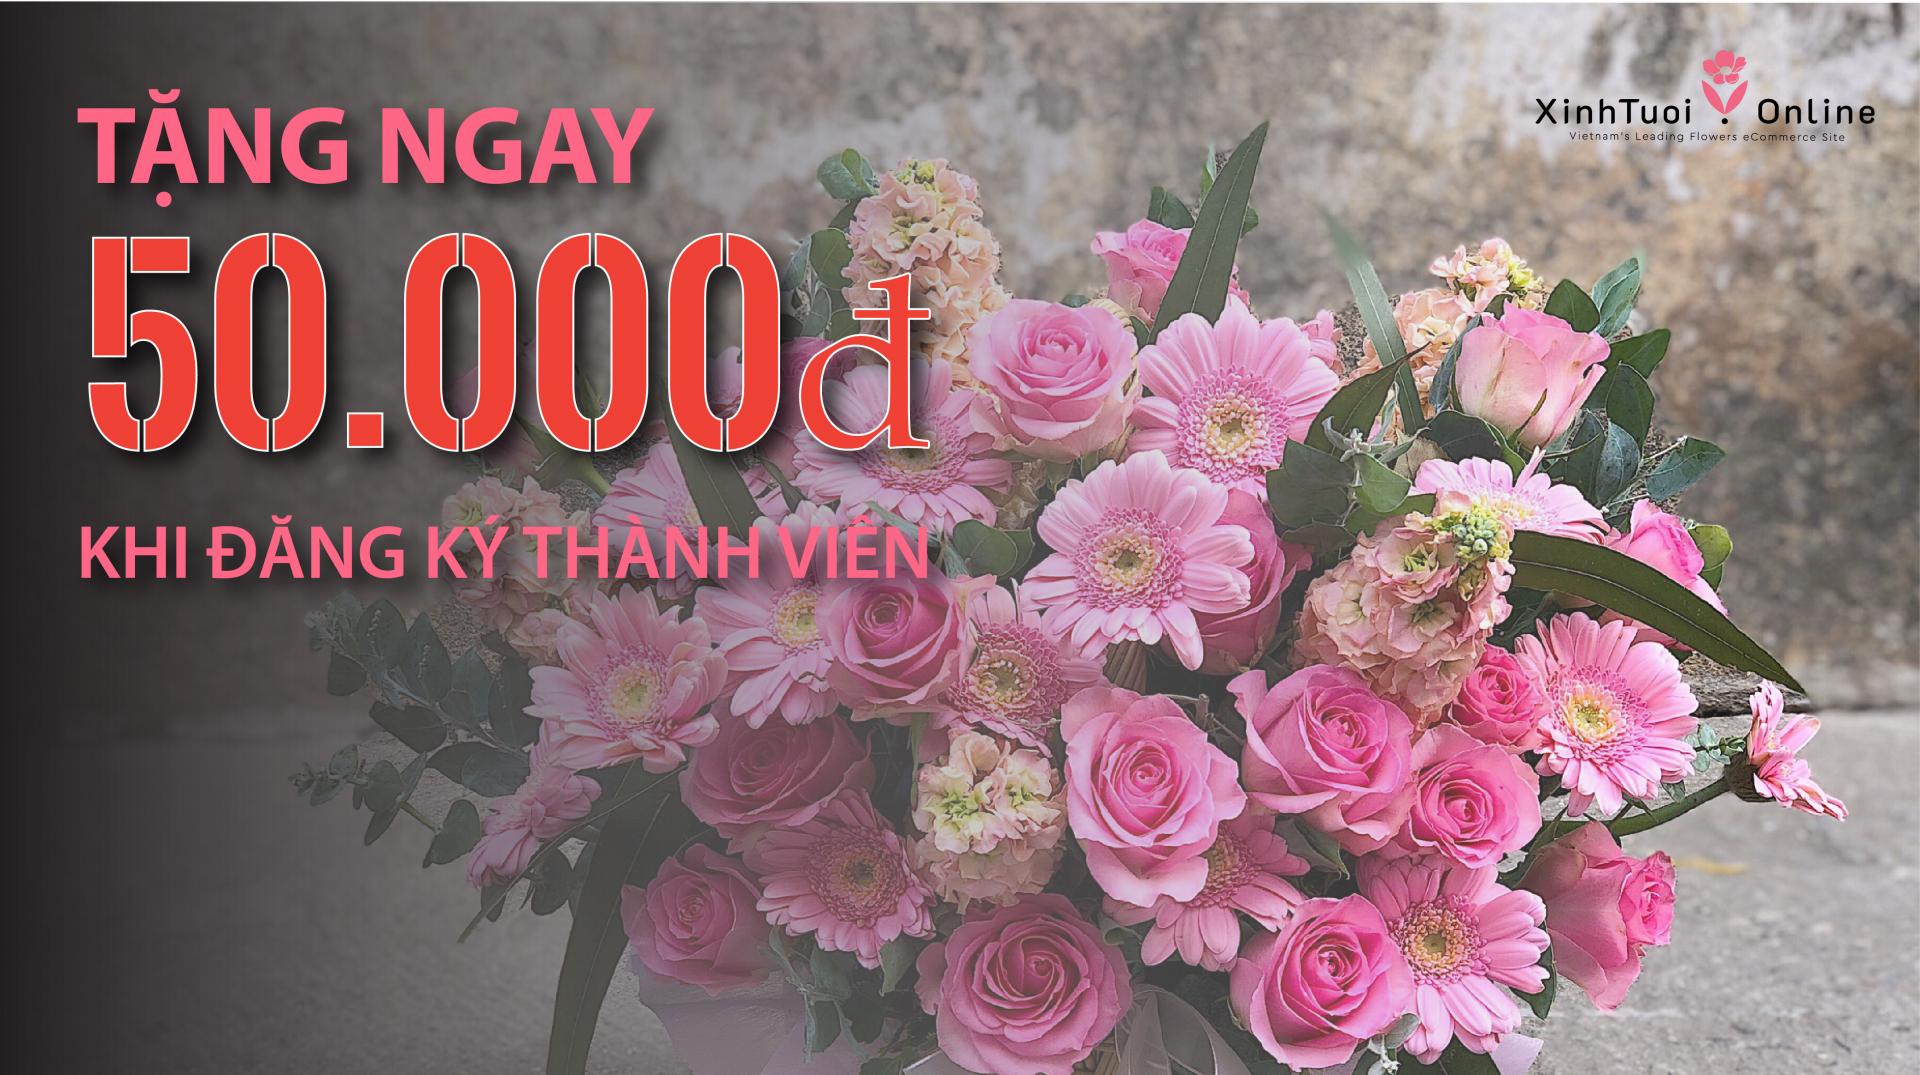 Nhận ngay 50.000 điểm thưởng khi đăng ký thành viên tại xinhtuoi.online